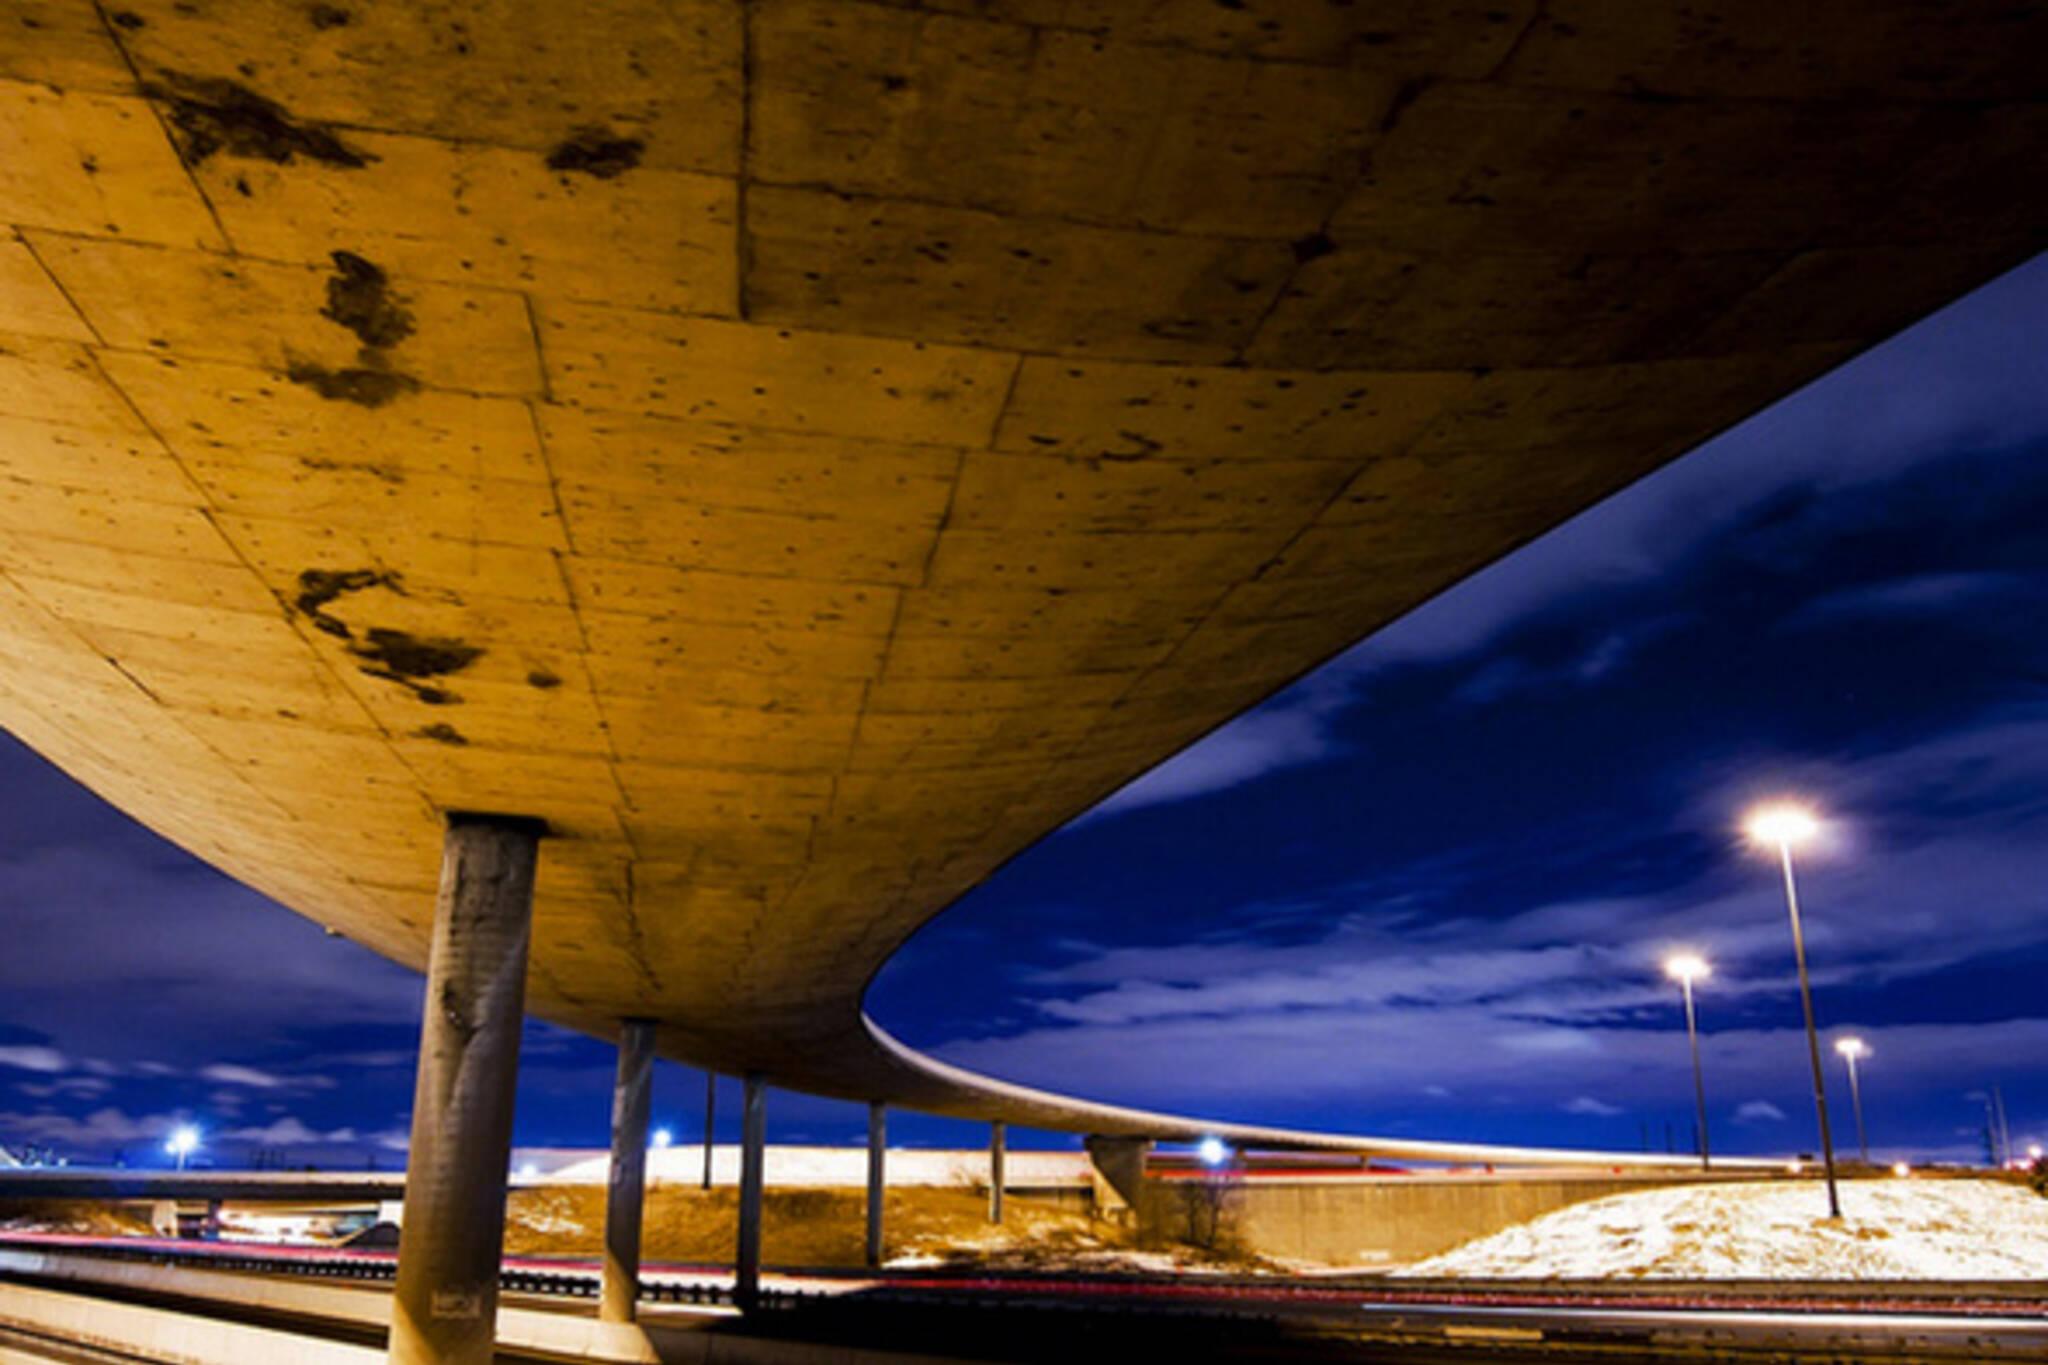 Highway 401 Toronto